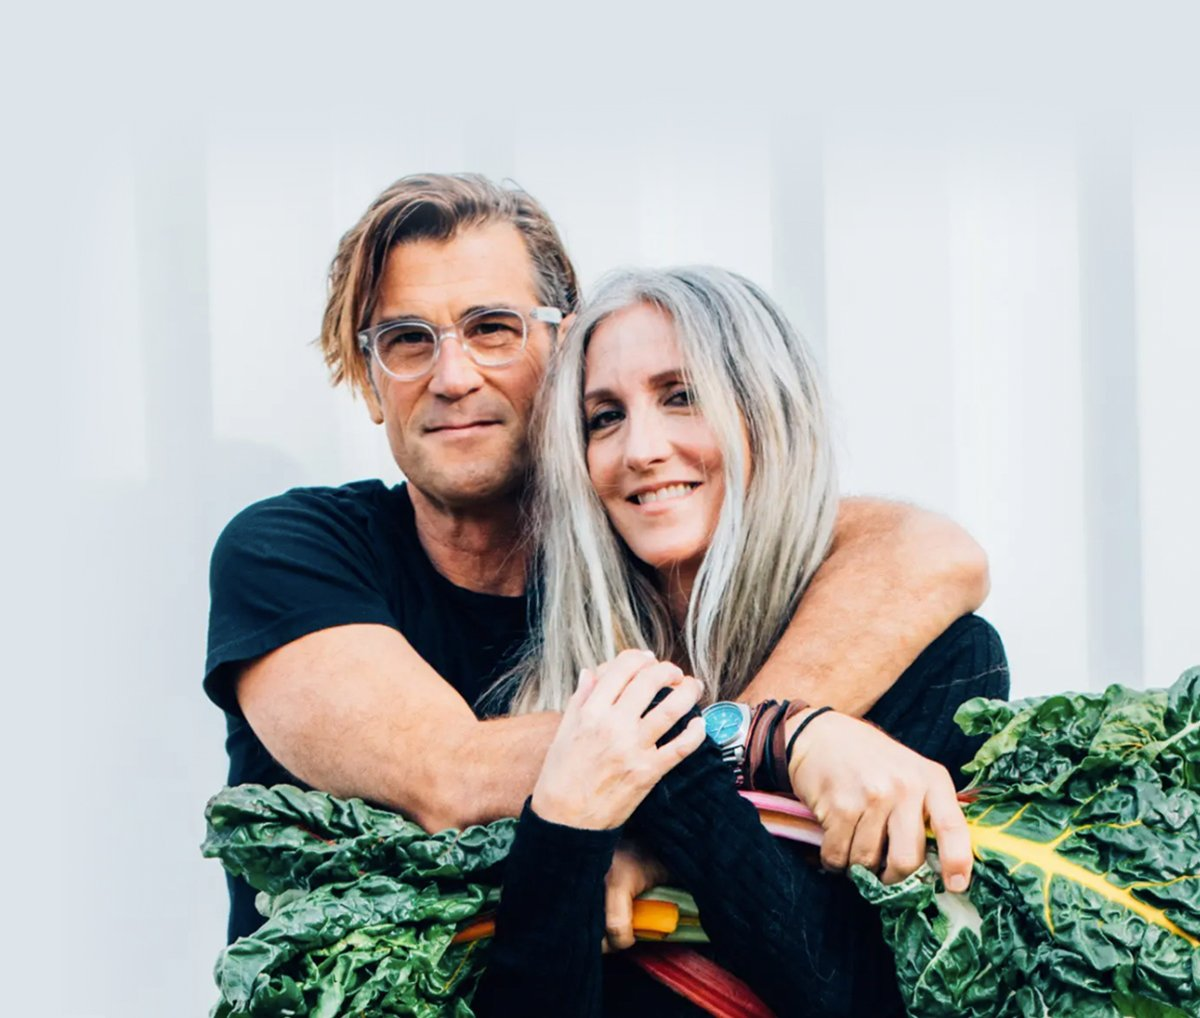 Rich Roll and Julie Piatt